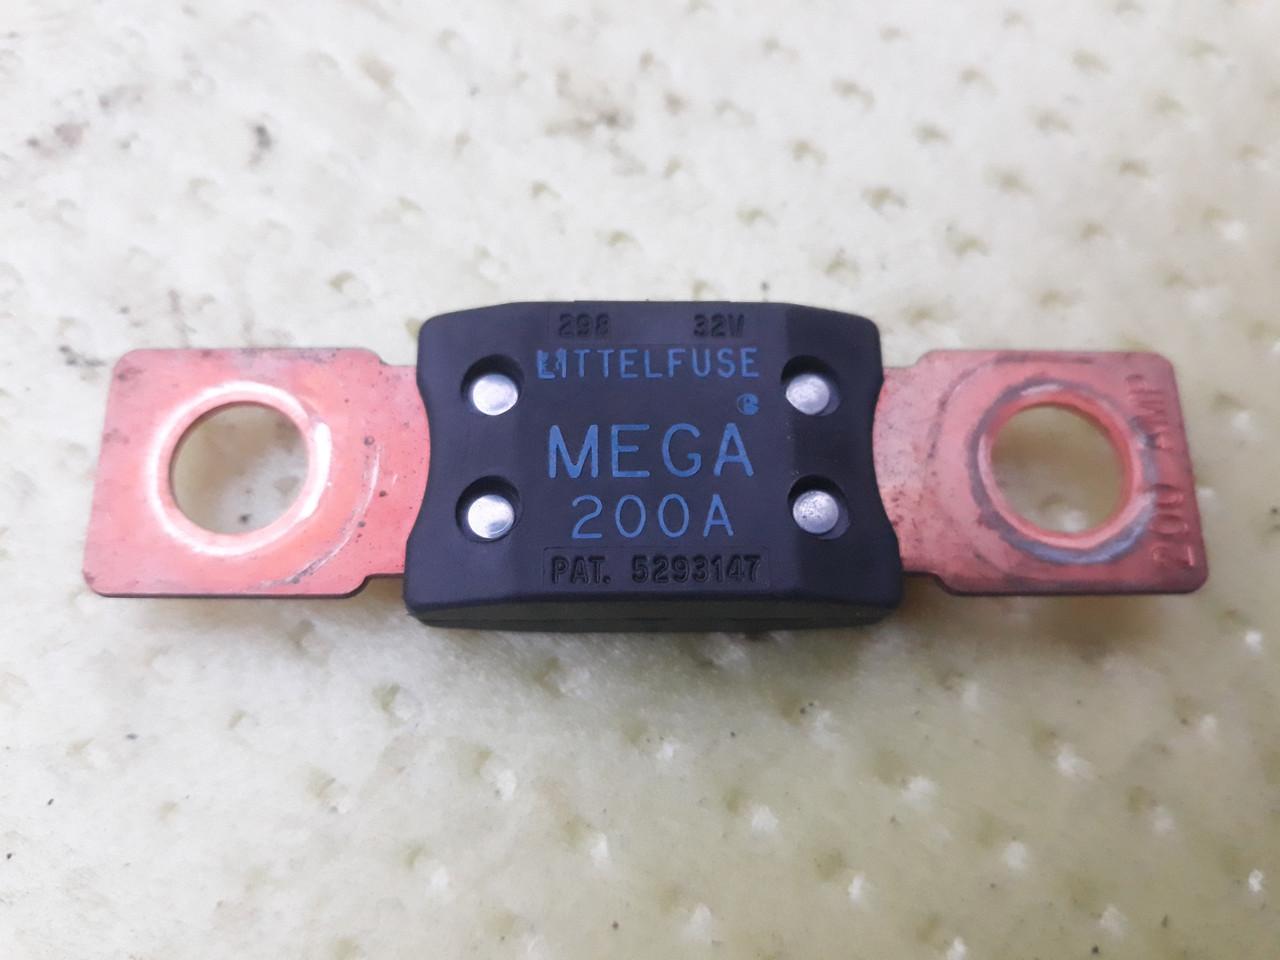 Предохранитель бмв bmw батареи акб 200А 5293147